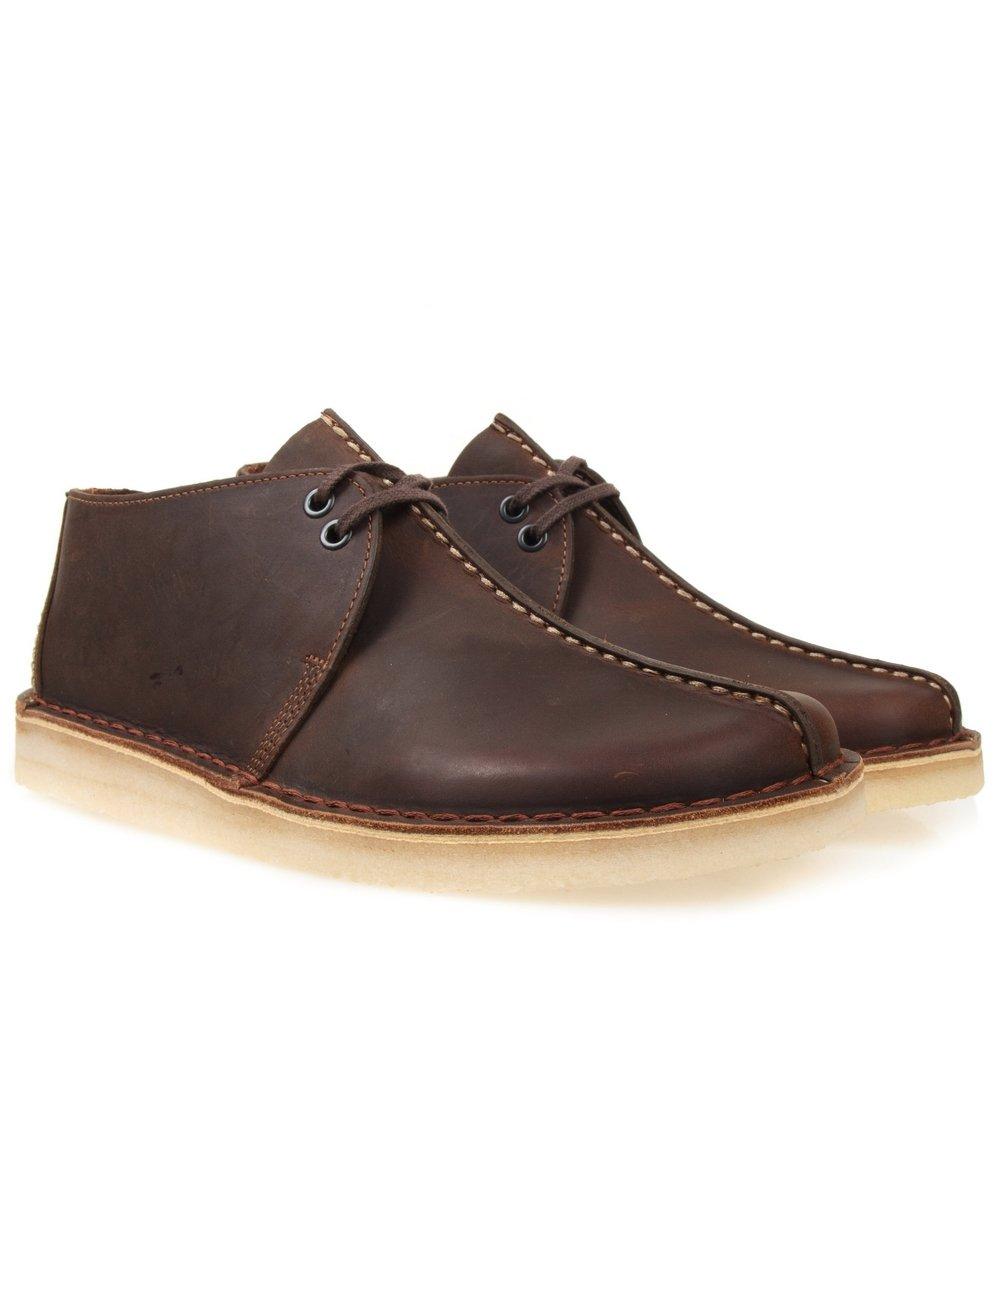 Clarks Originals Desert Trek Shoes Beeswax